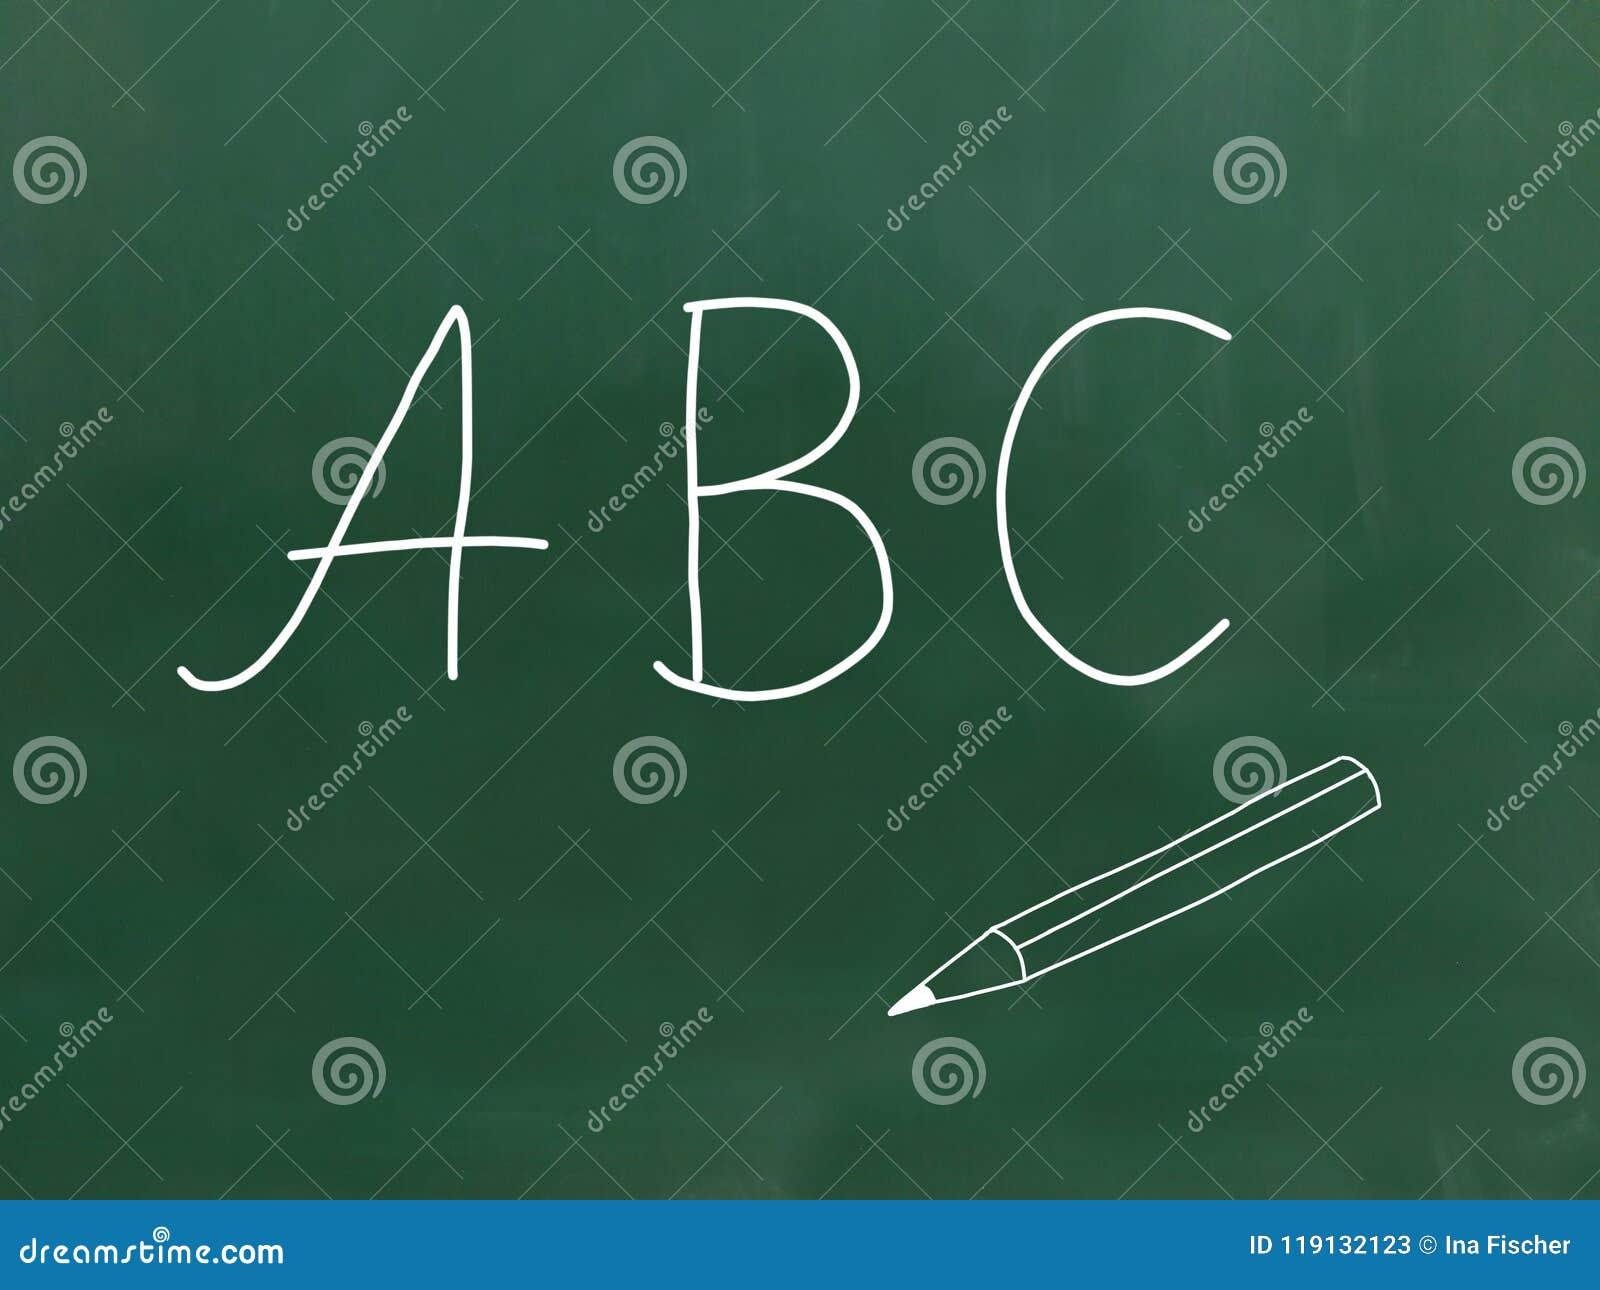 ABC - Letras em um quadro